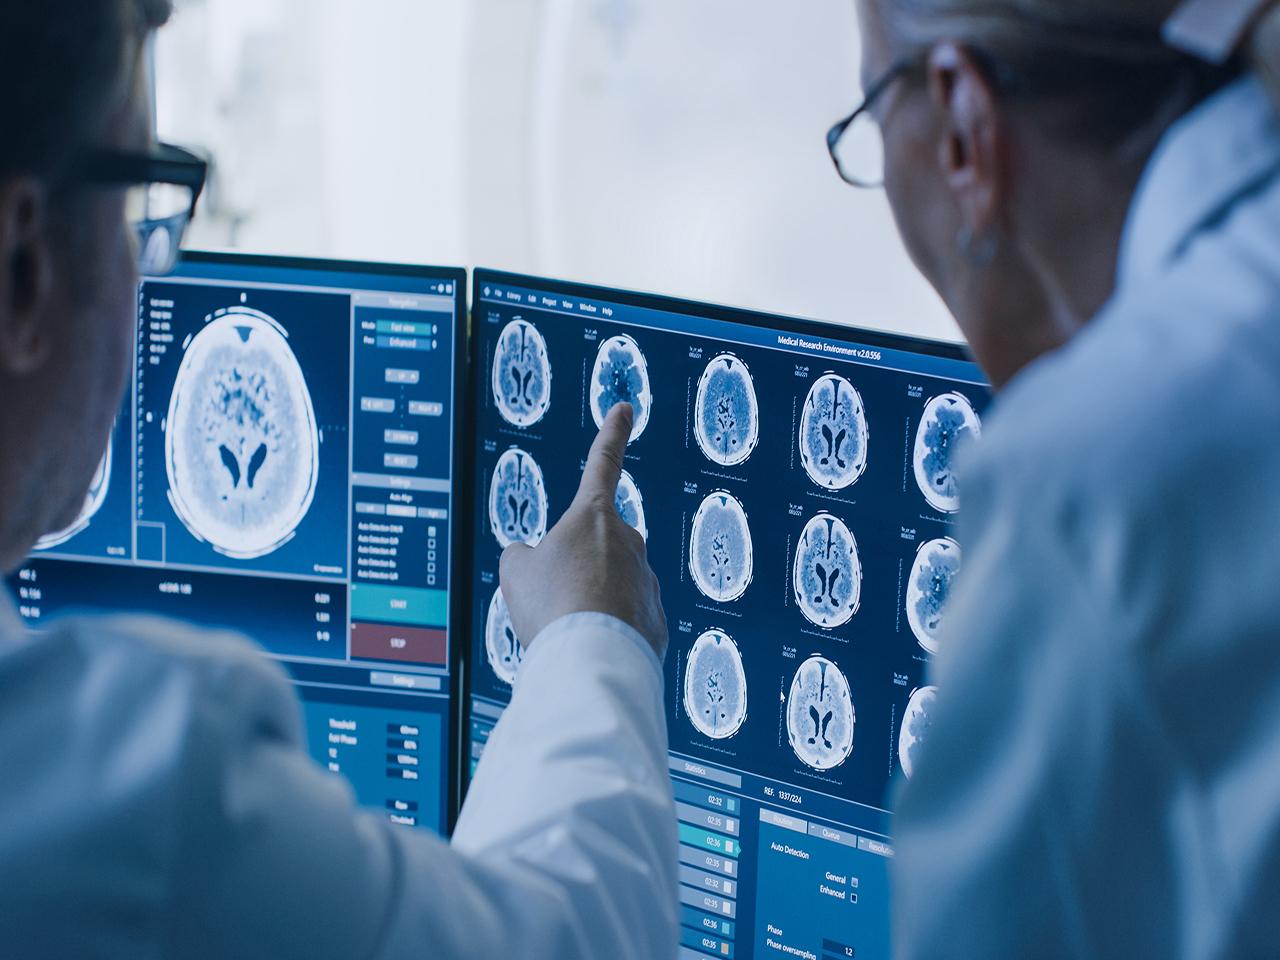 Sistema Pacs: Será que sua clínica precisa utilizar?